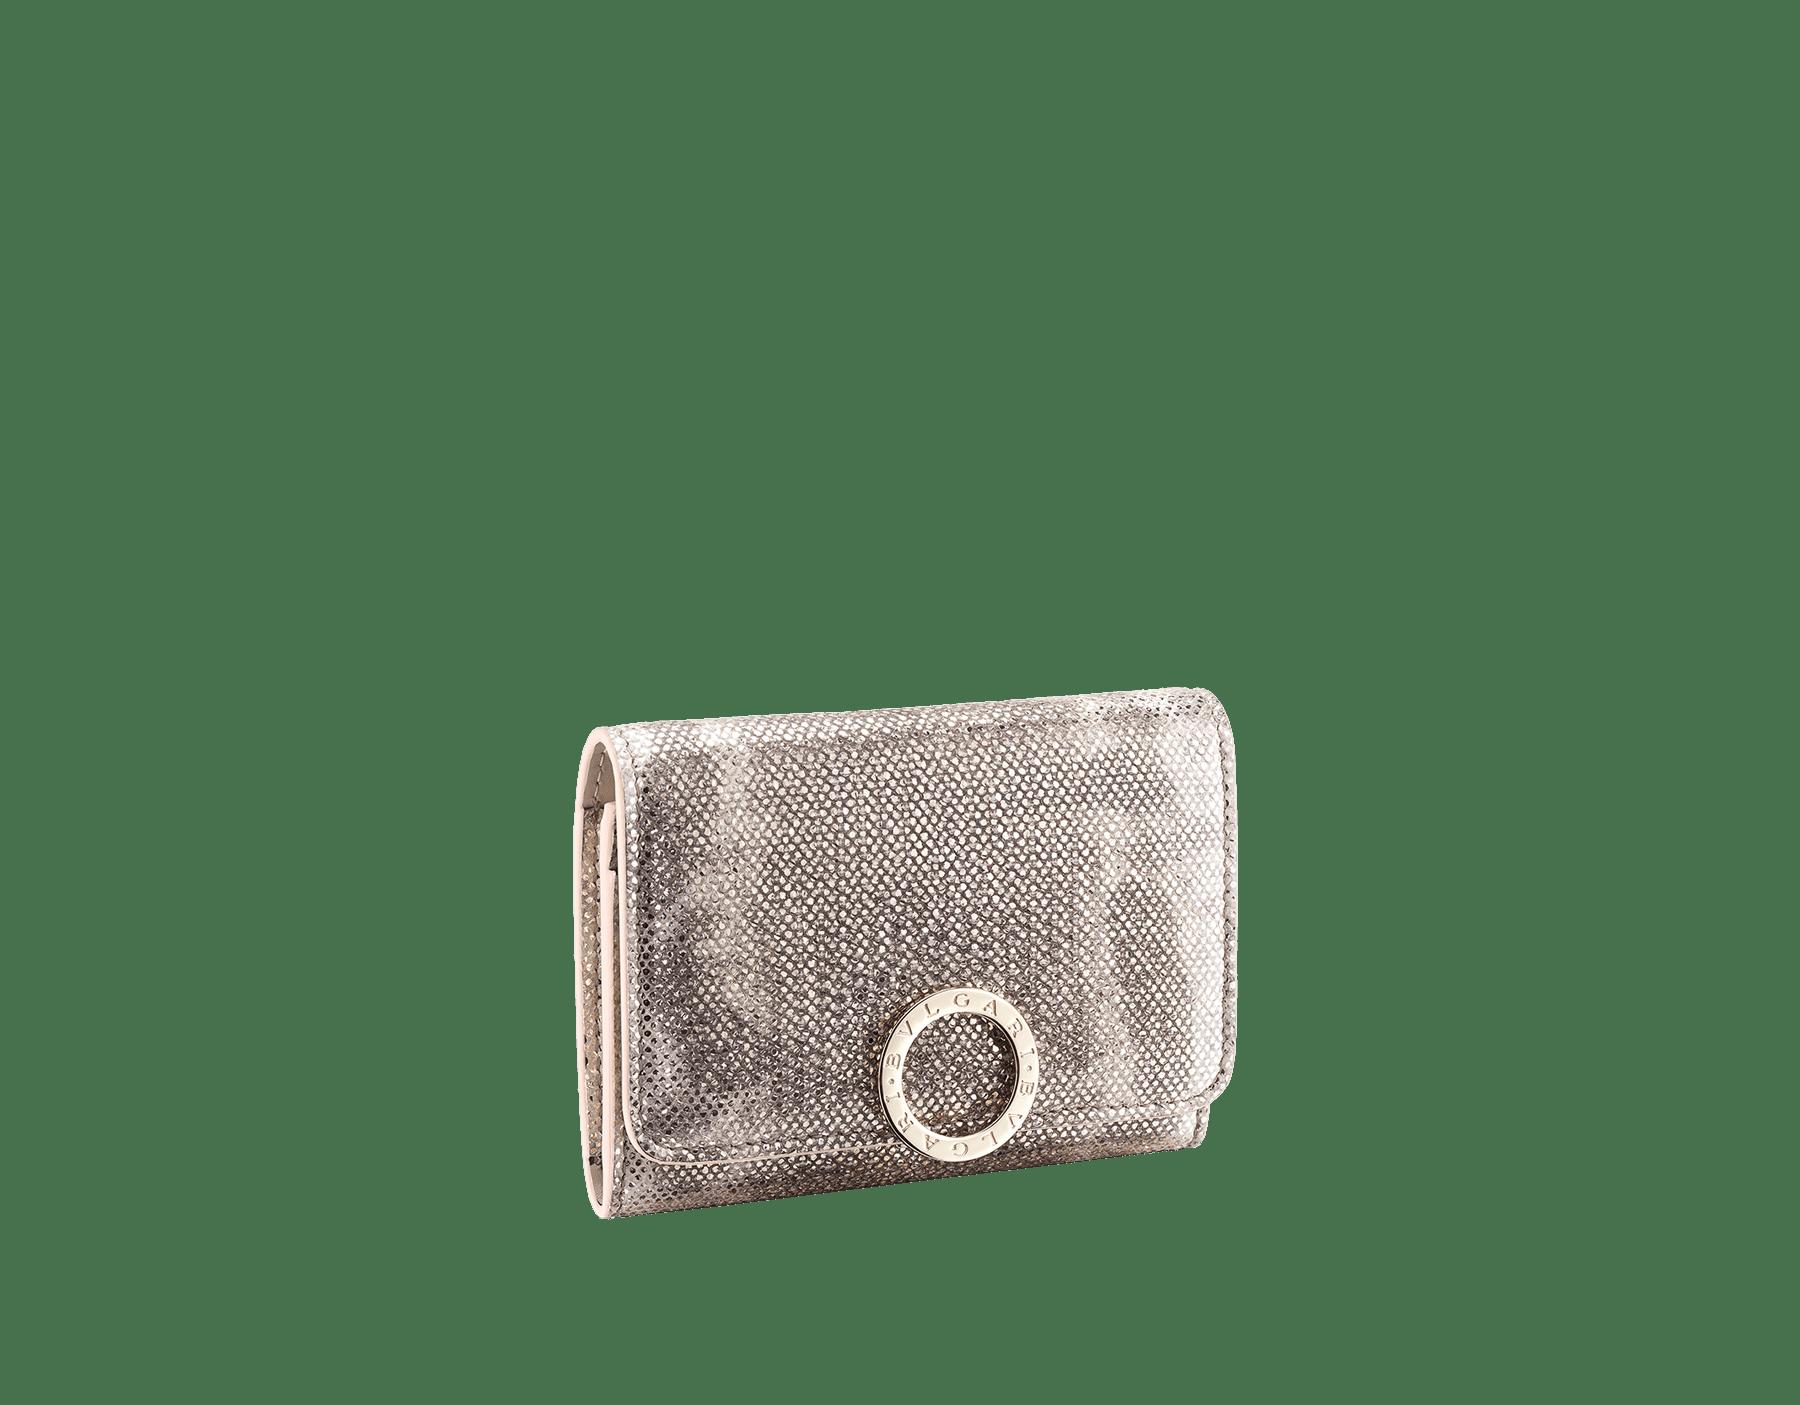 Porta-cartão de visita BVLGARIBVLGARI em couro karung opala-leitosa metálico e couro de novilho opala-leitosa, com napa coral-estrela-do-mar. Icônico fecho de clipe com logotipo em metal banhado a ouro claro. 288282 image 1